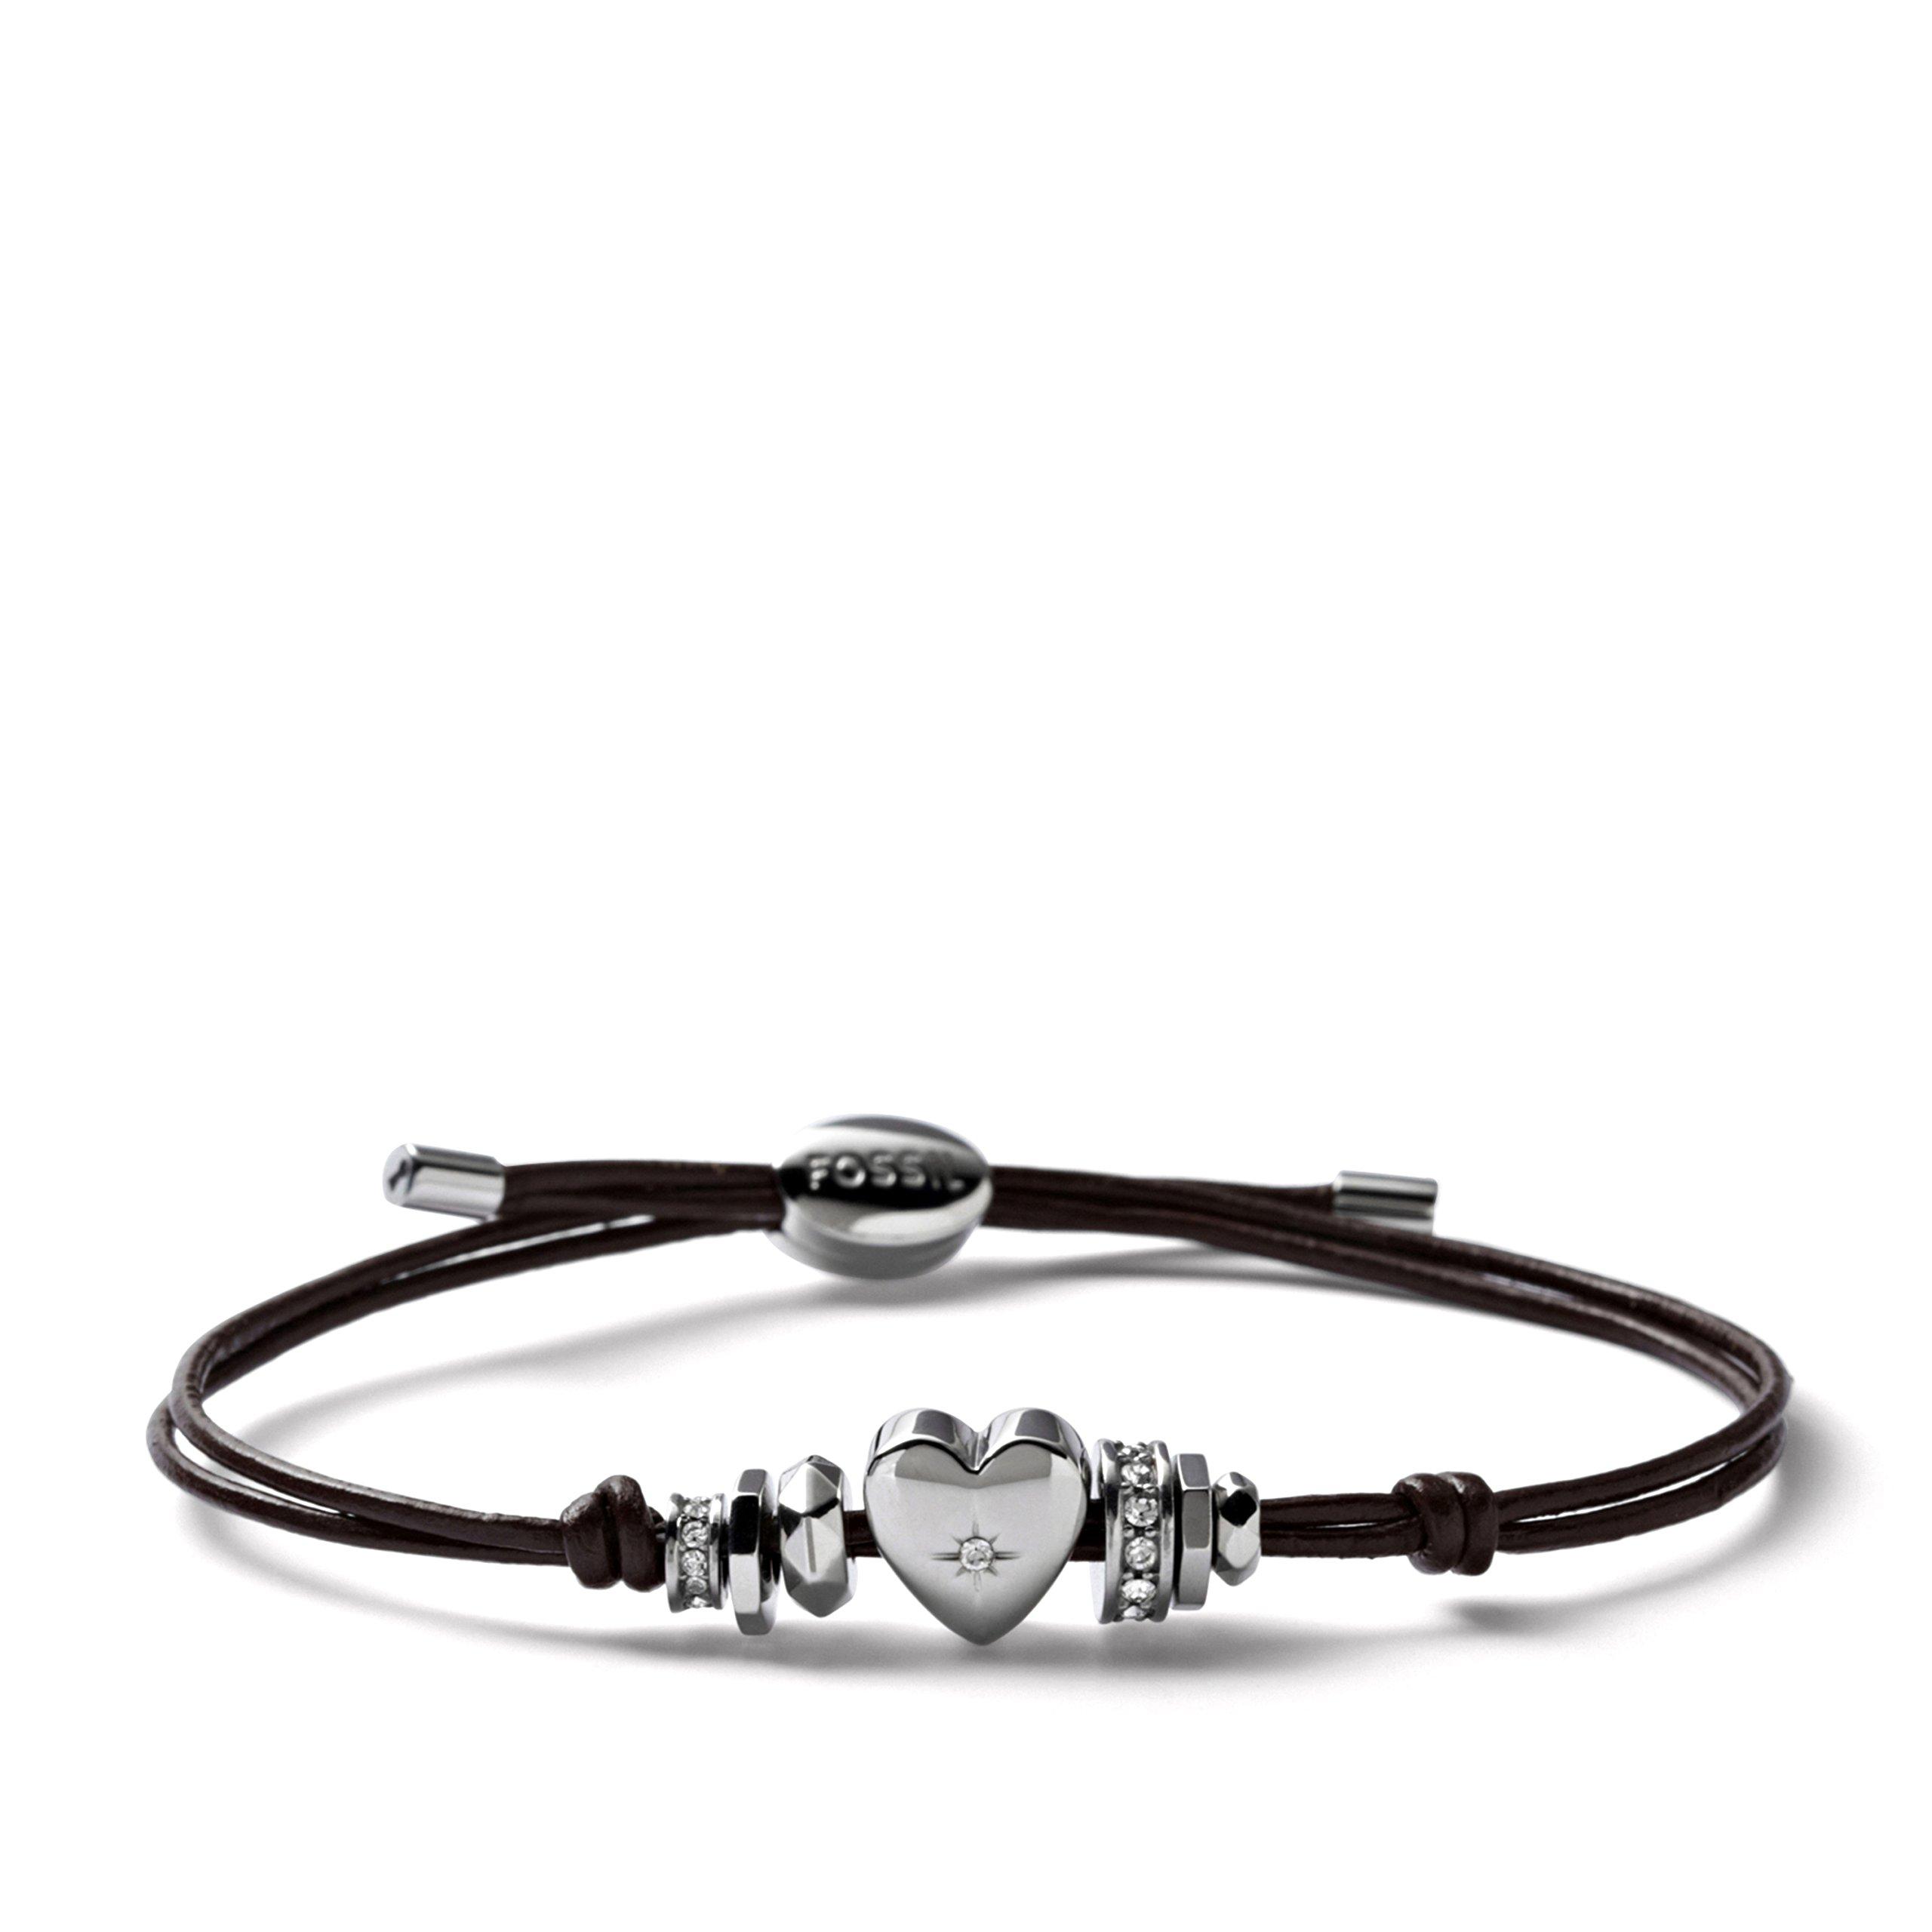 Fossil Women's Bracelet JF00116040